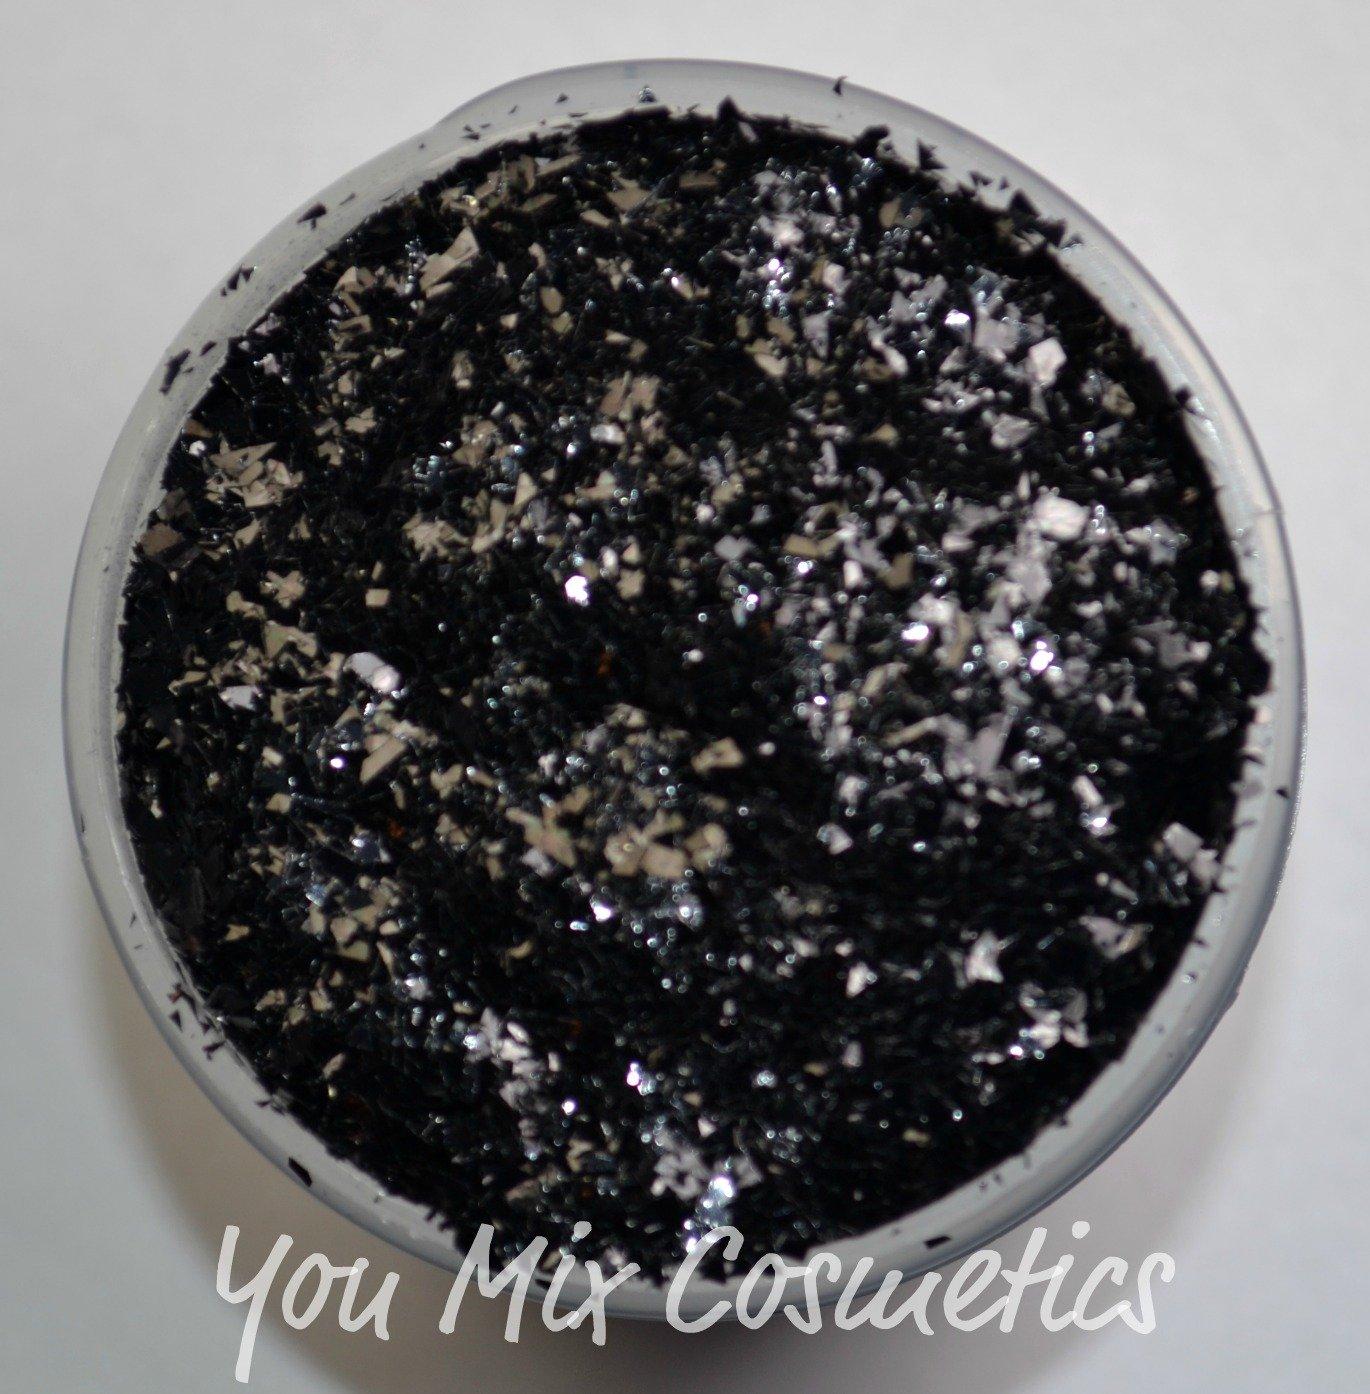 Shredded Black Glitter (4 fl oz container)